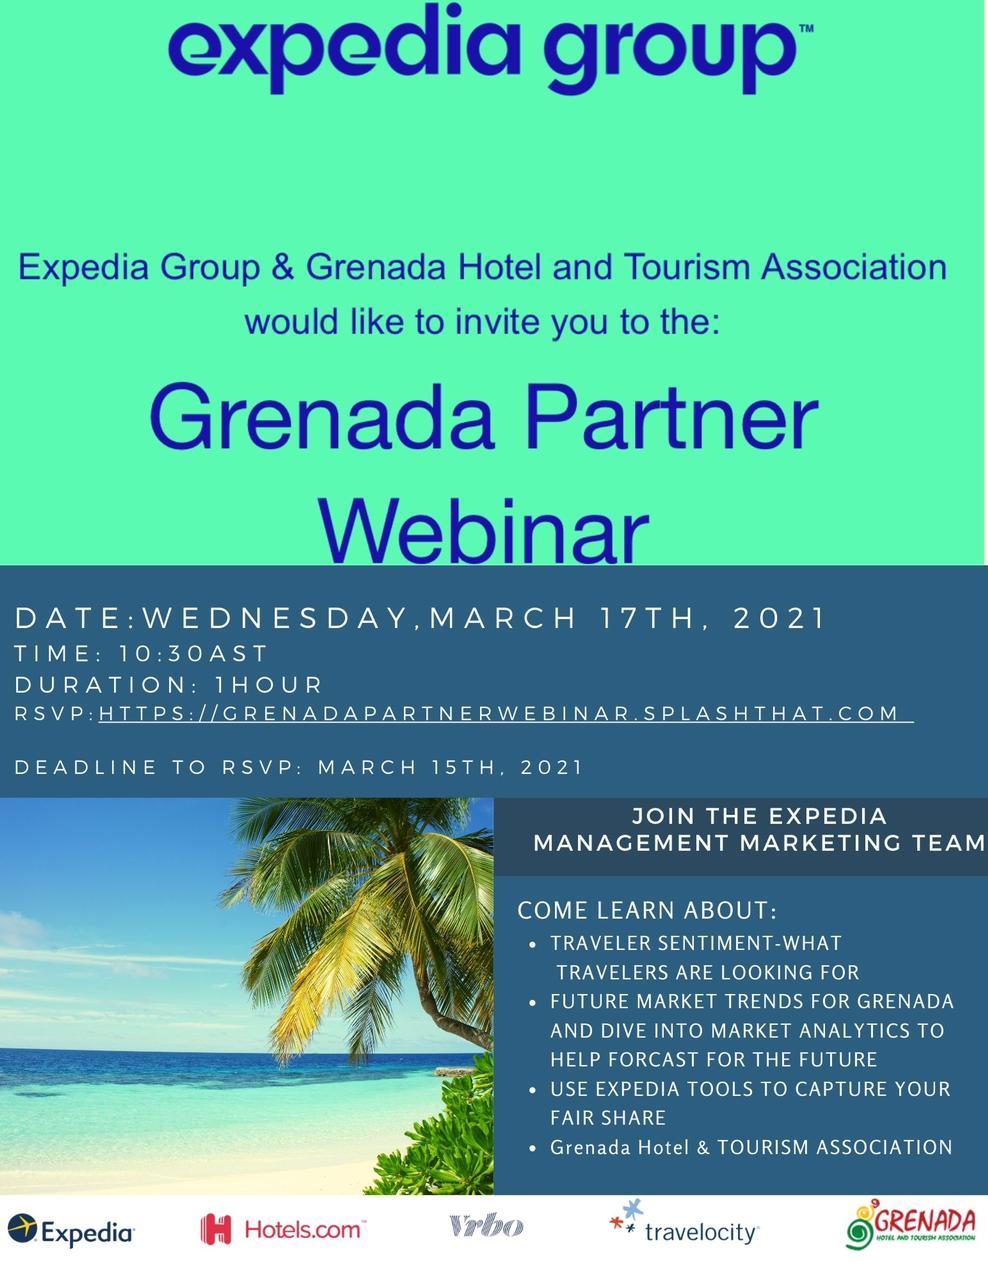 Grenada Partner Webinar